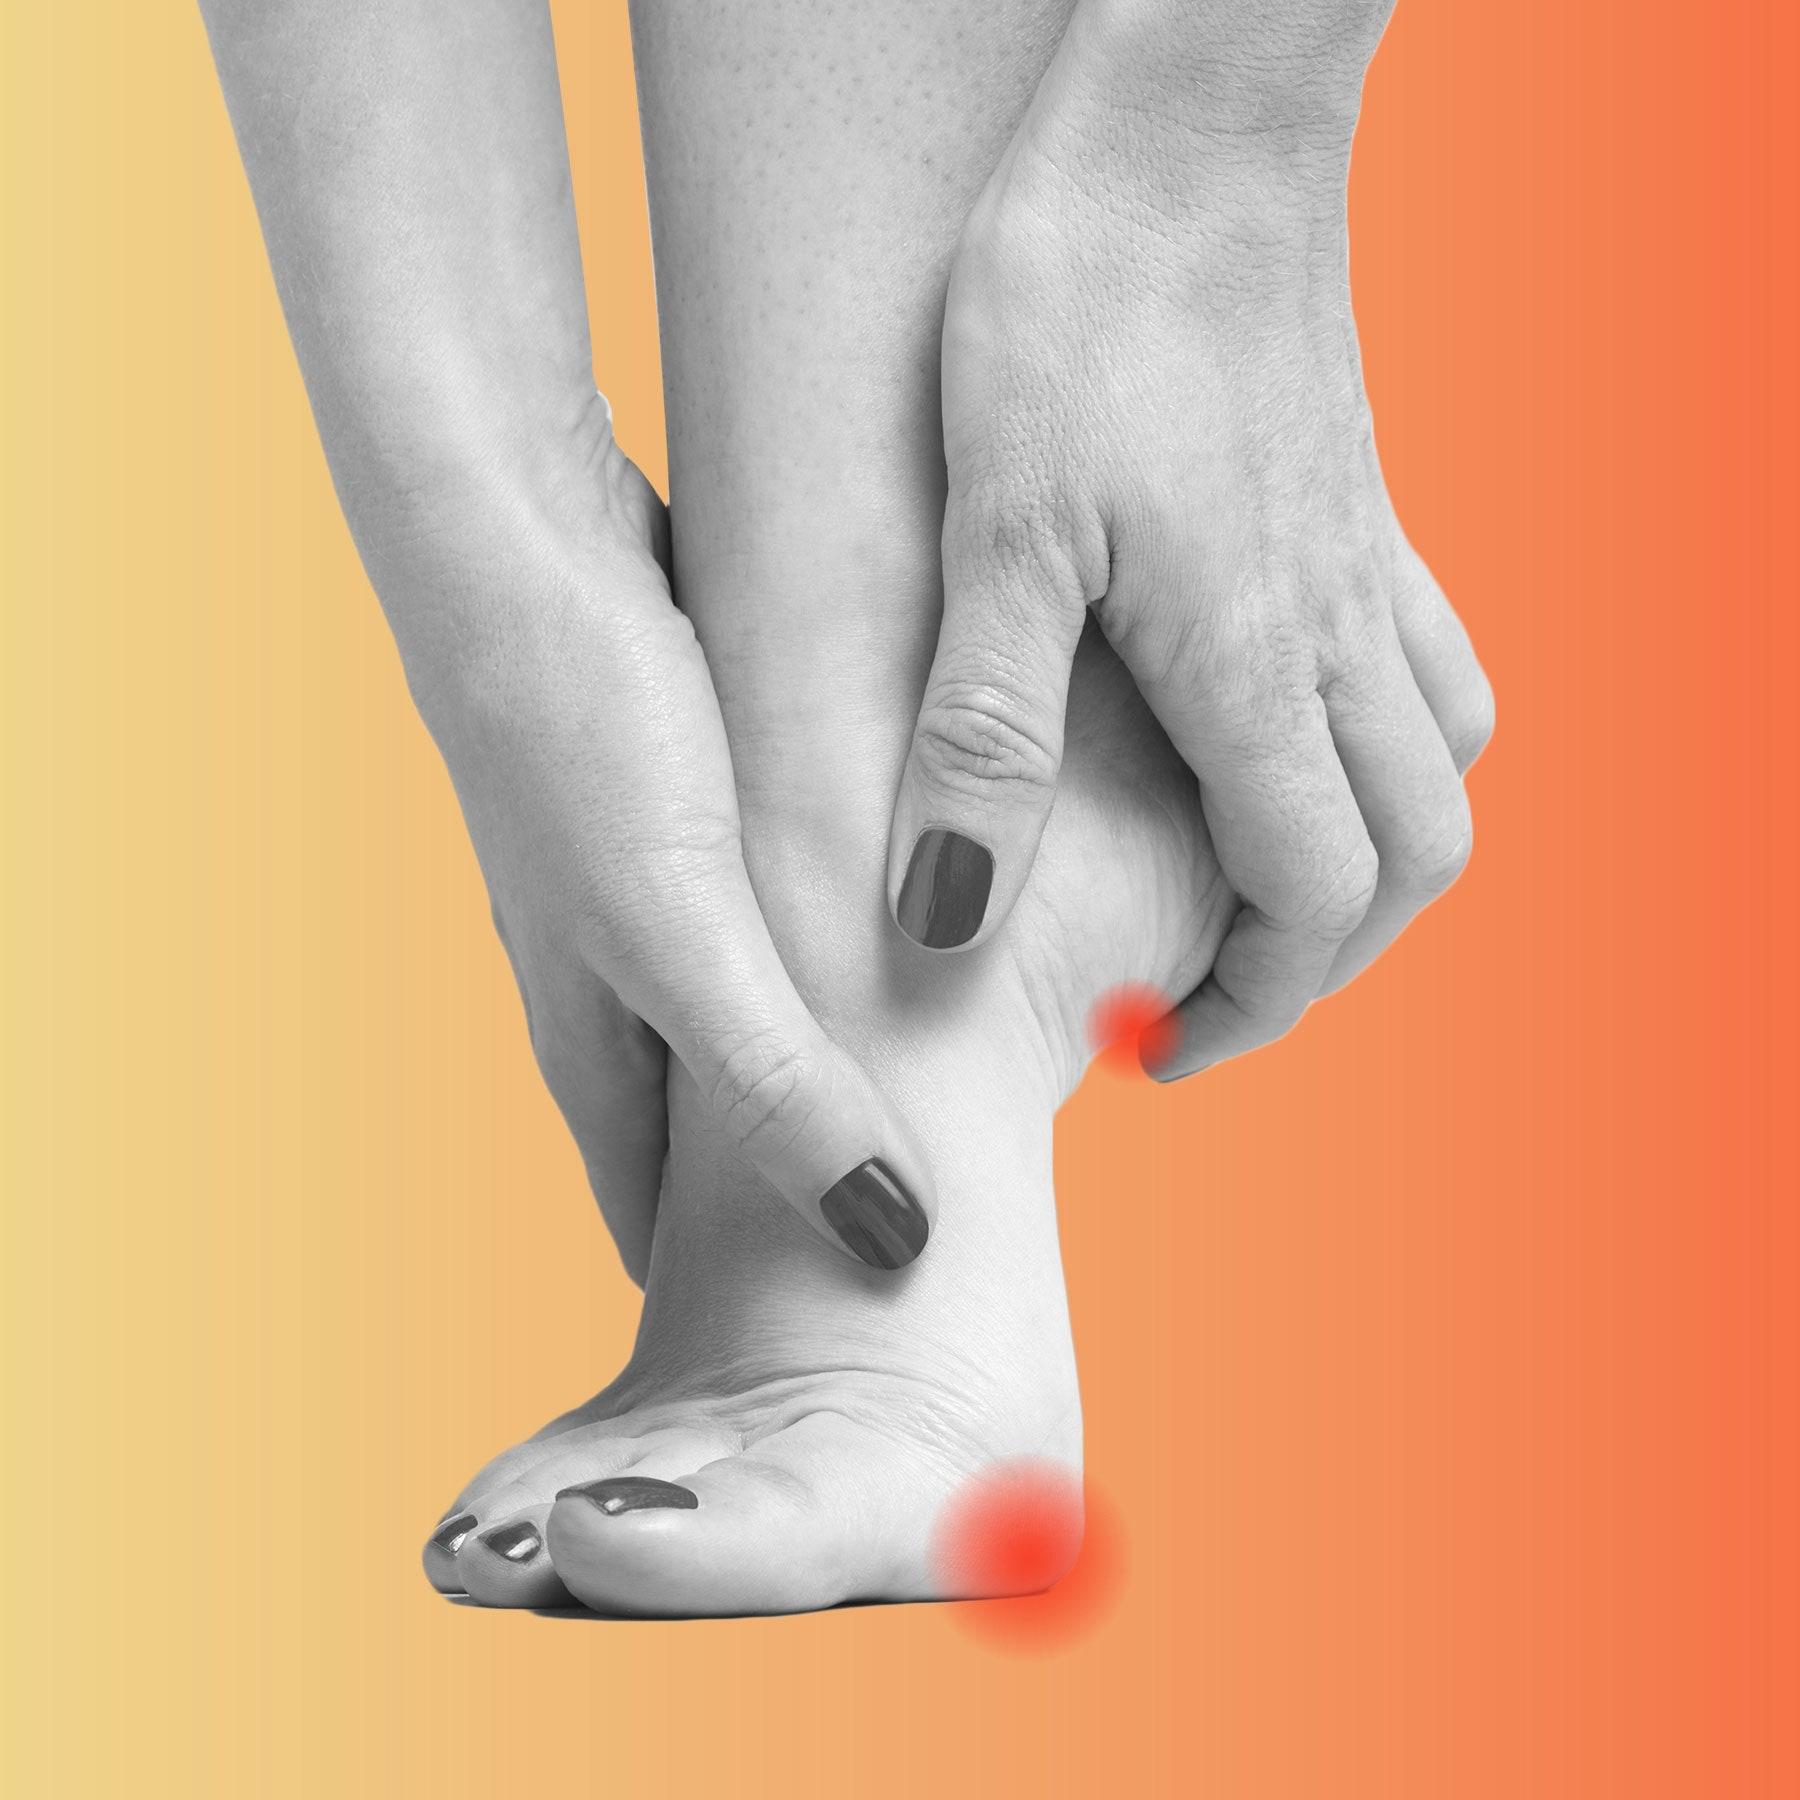 hpv virus and leg pain